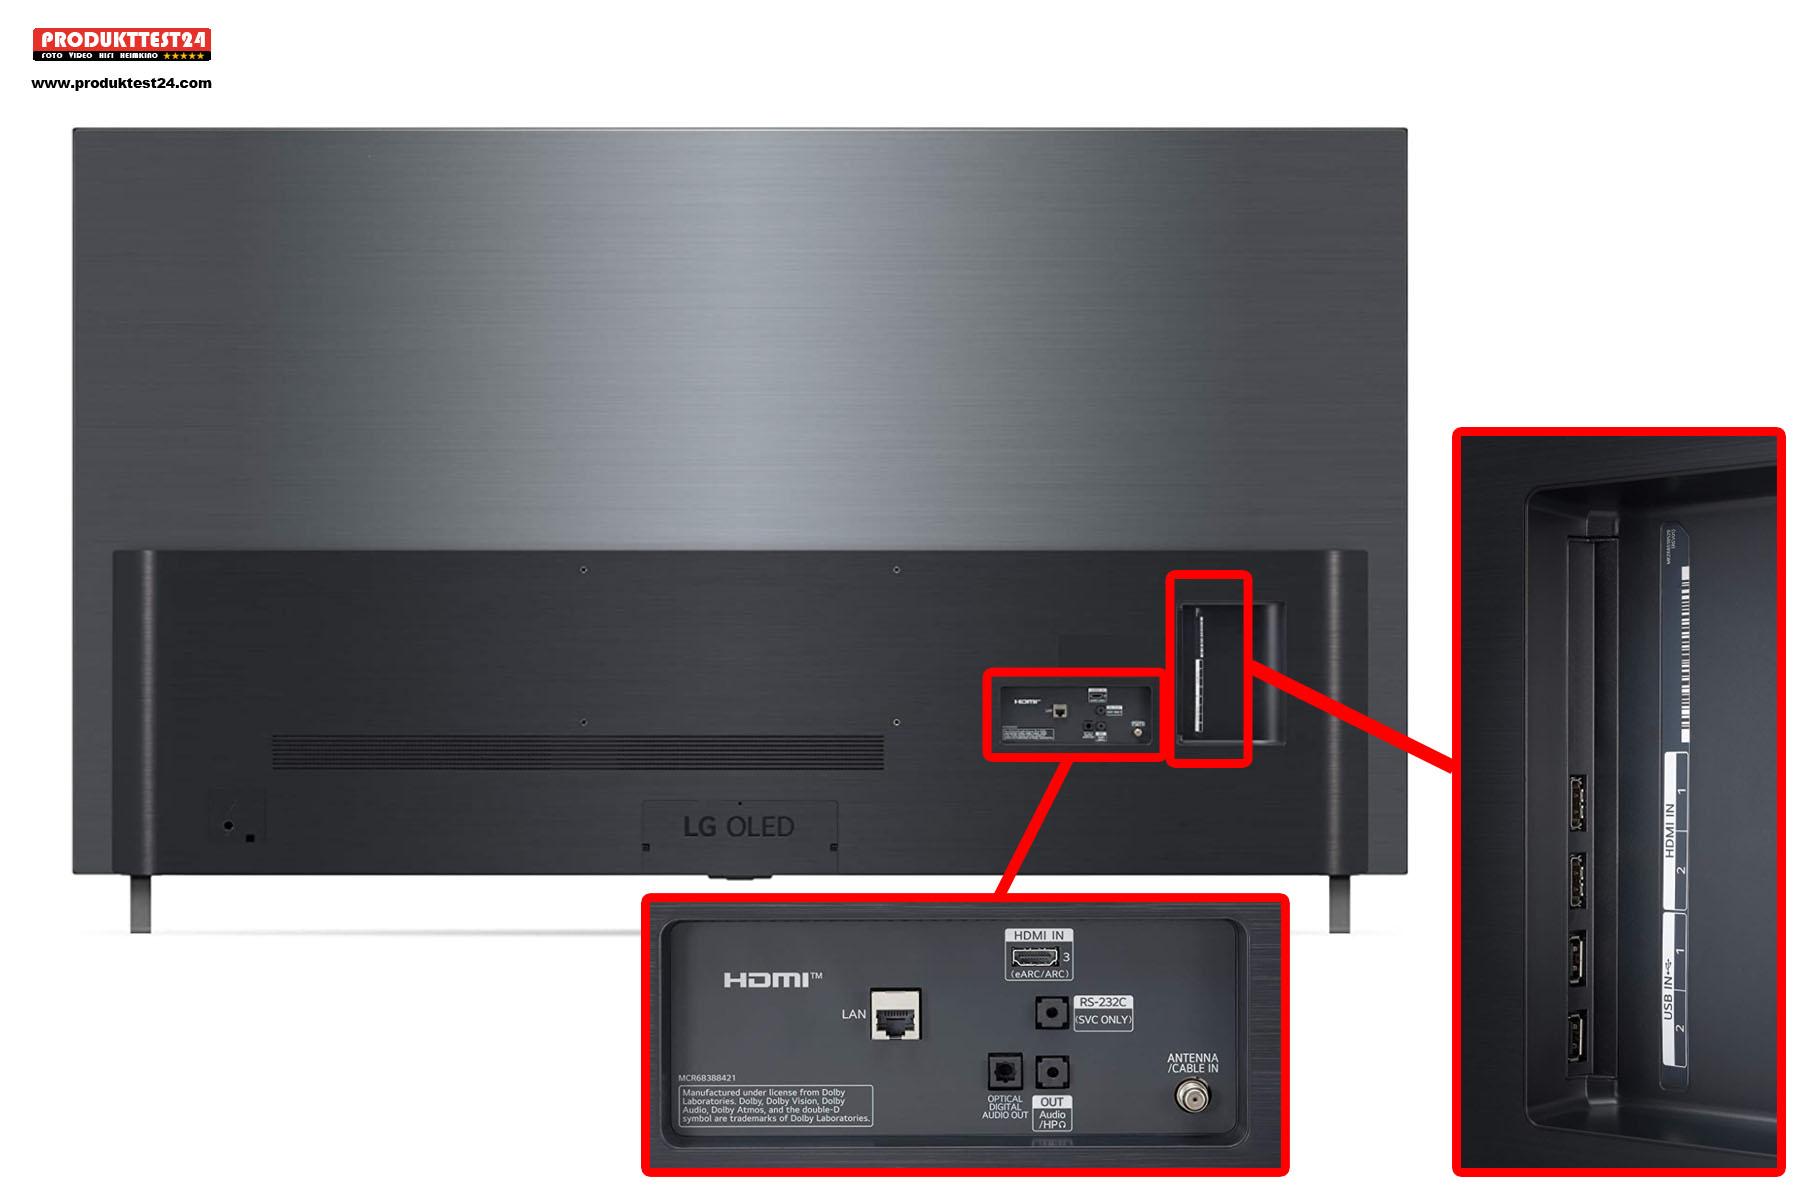 Anschlüsse sind reichlich vorhanden. 3x HDMI 2.0